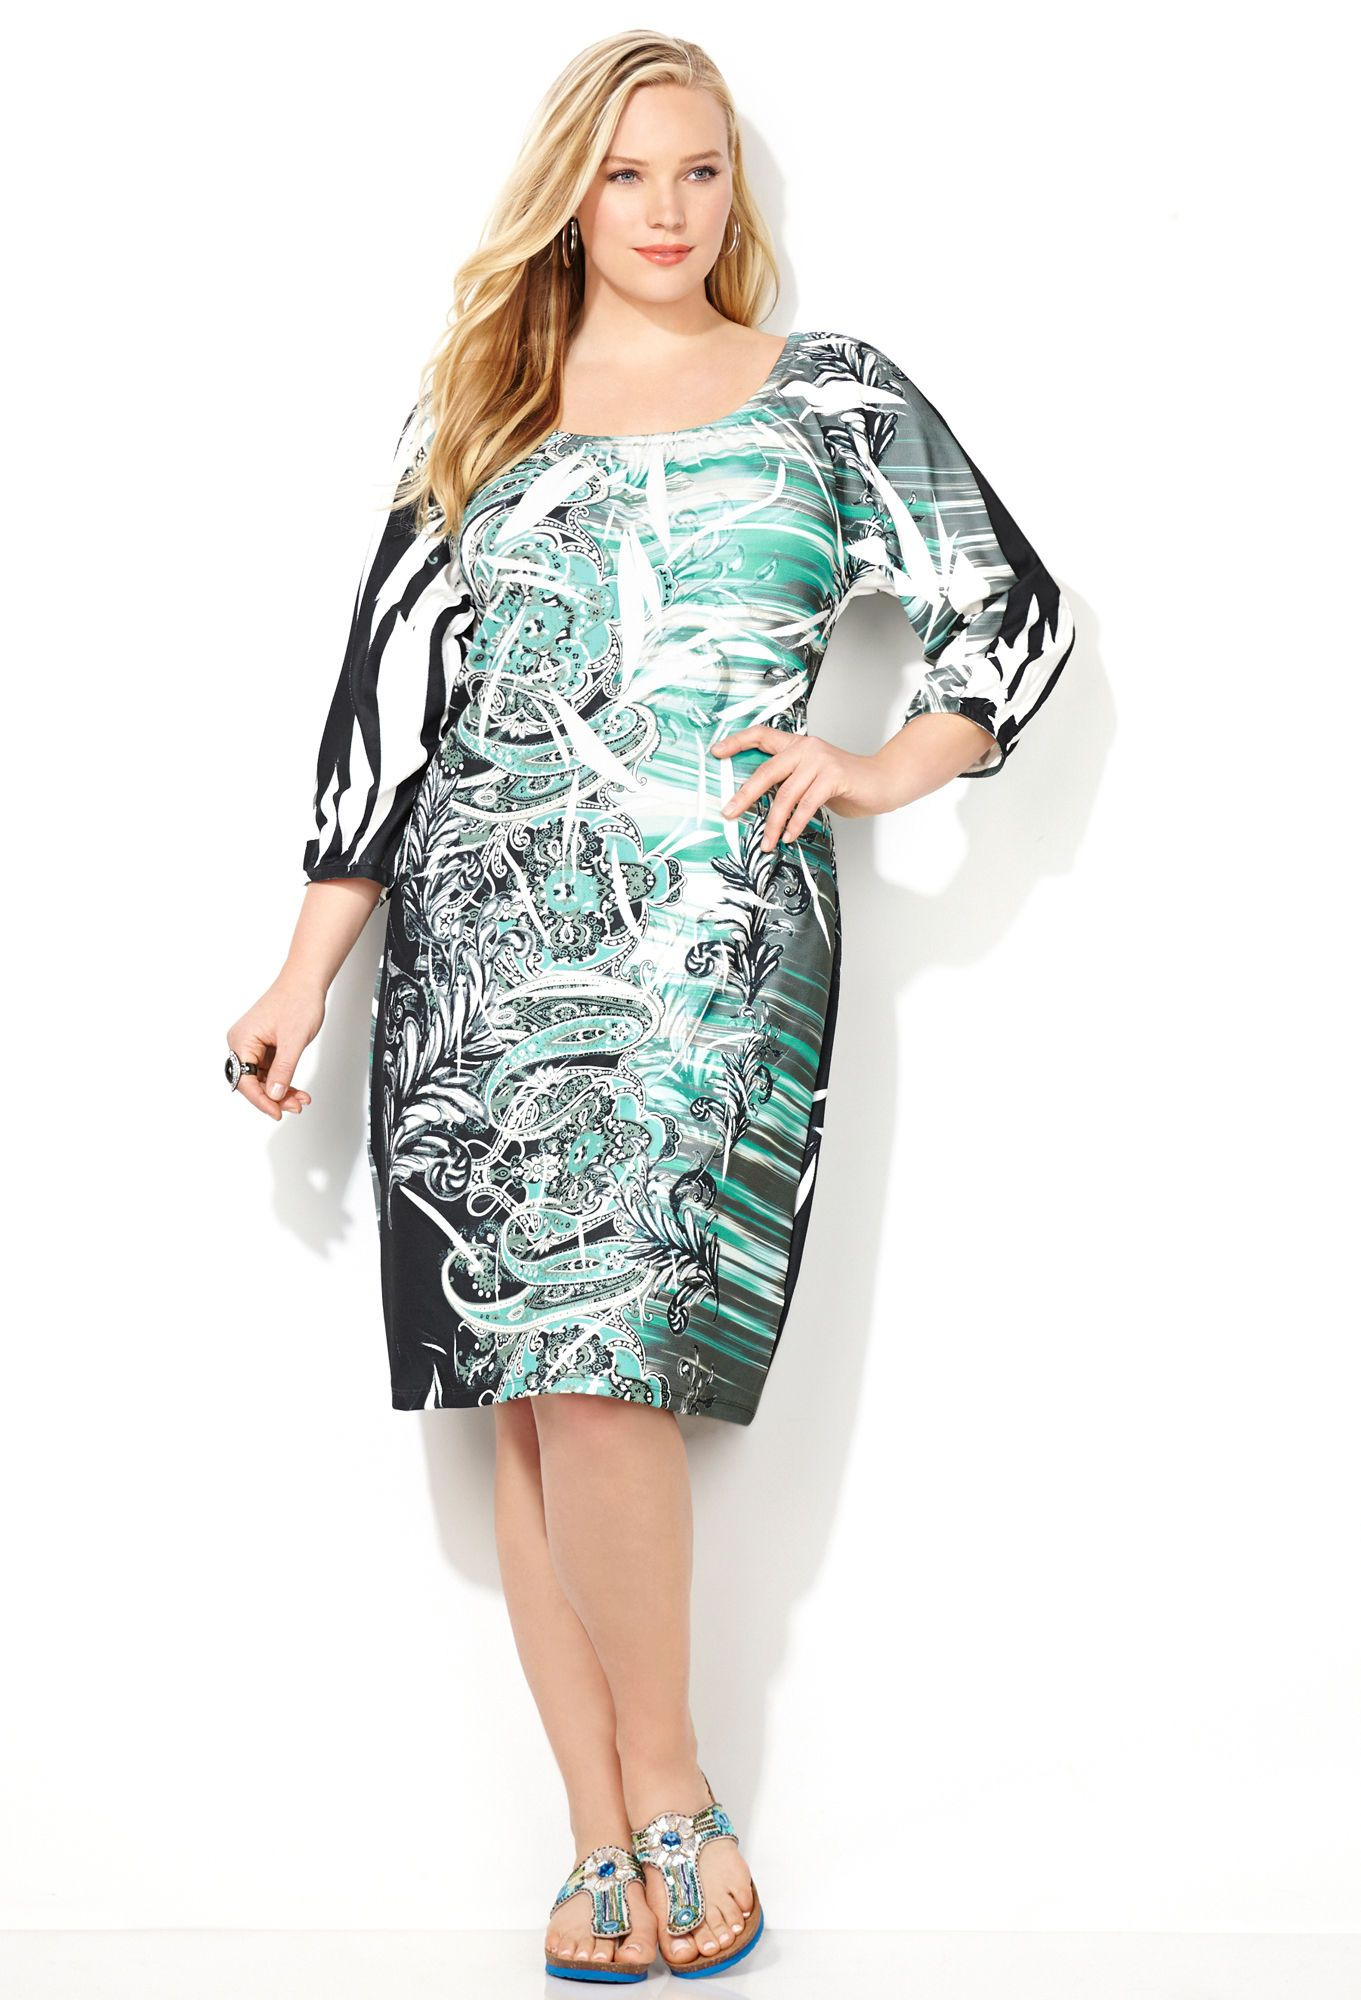 Shop Plus Size Dresses | Avenue.com in 2019 | Fashion ...